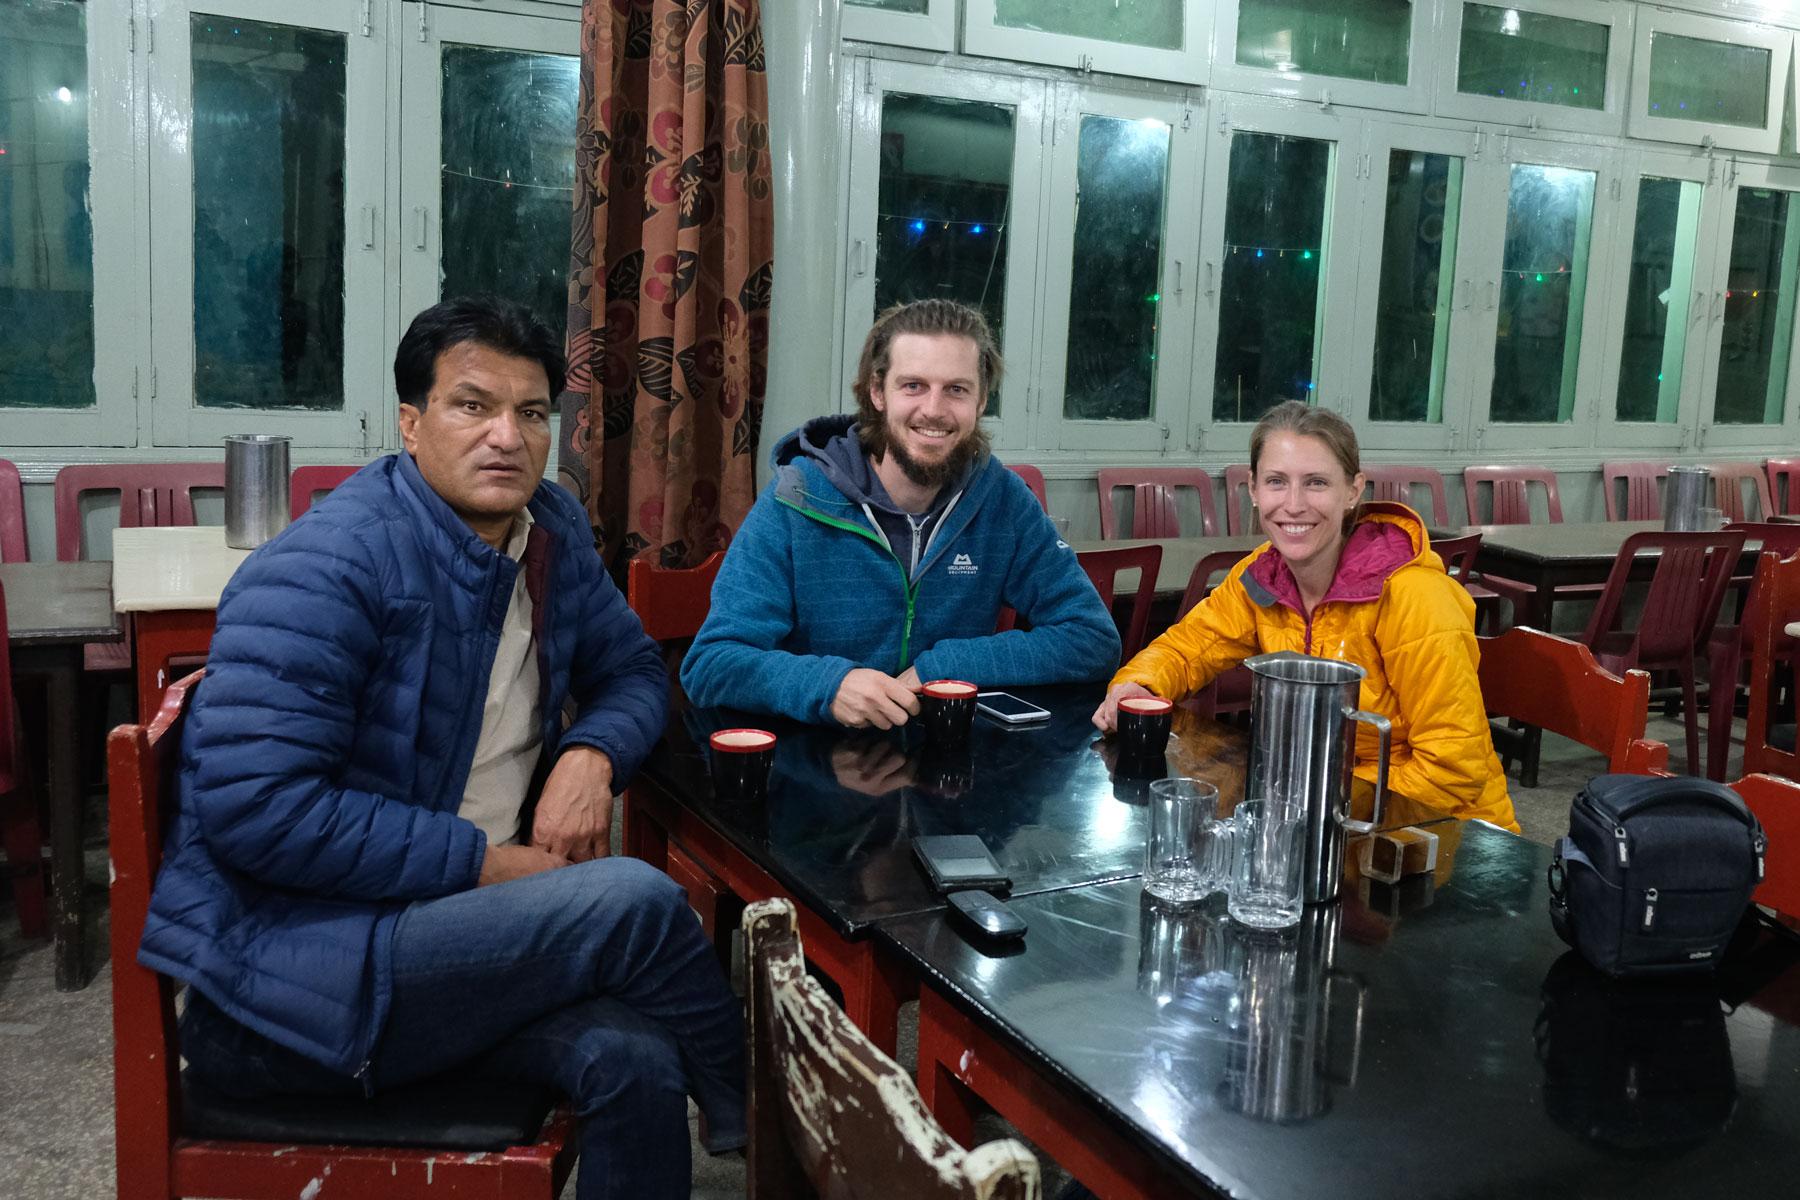 Arshad, Sebastian und Leo in einem Retsaurant in Gilgi und trinken Kaffee.